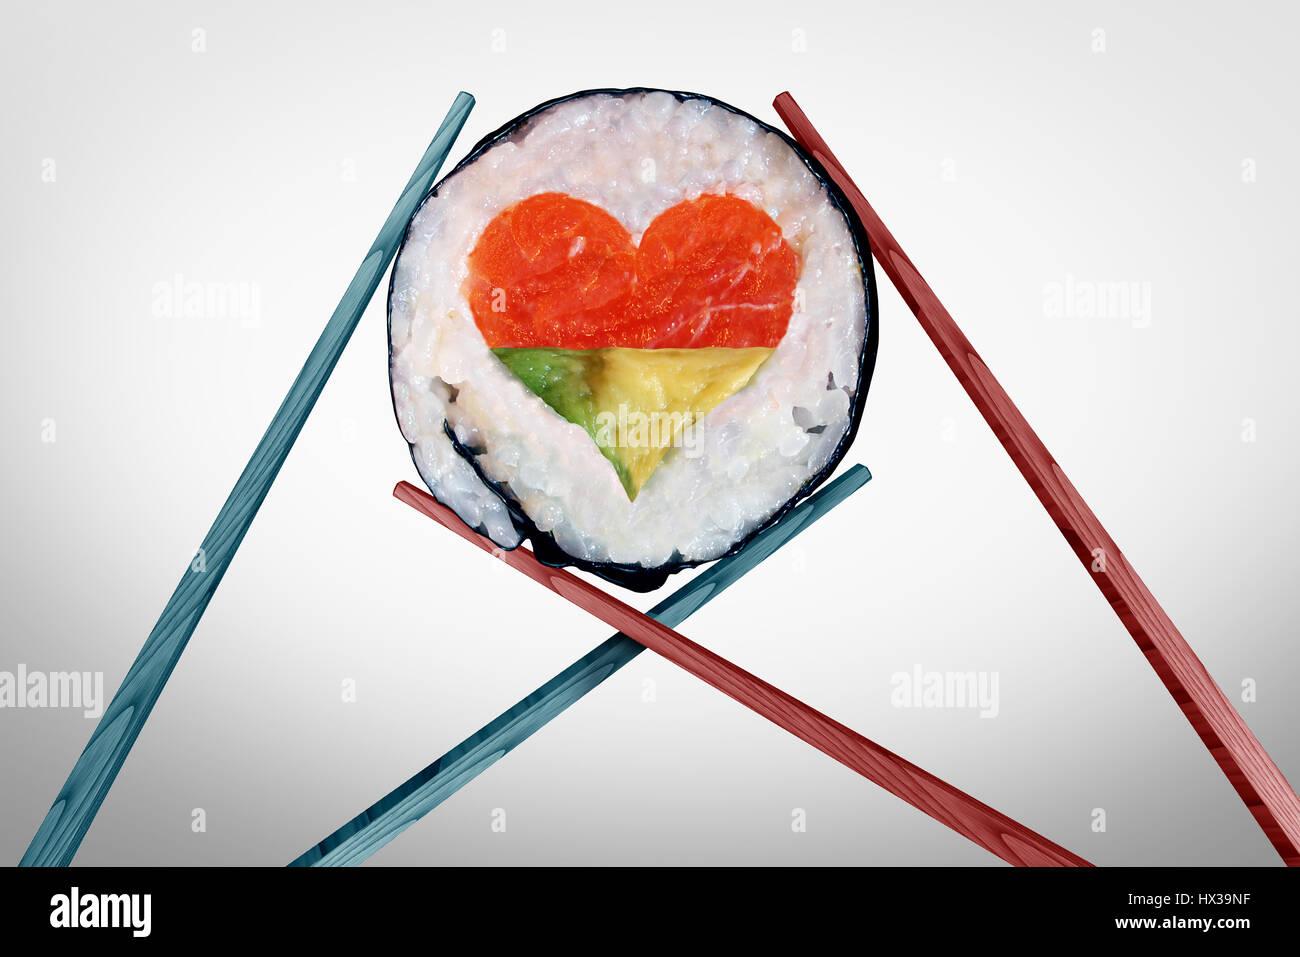 Abendessen für zwei Essen und romantisches Date-Konzept als ein paar Stäbchen mit einem Sushi-Stück Stockbild